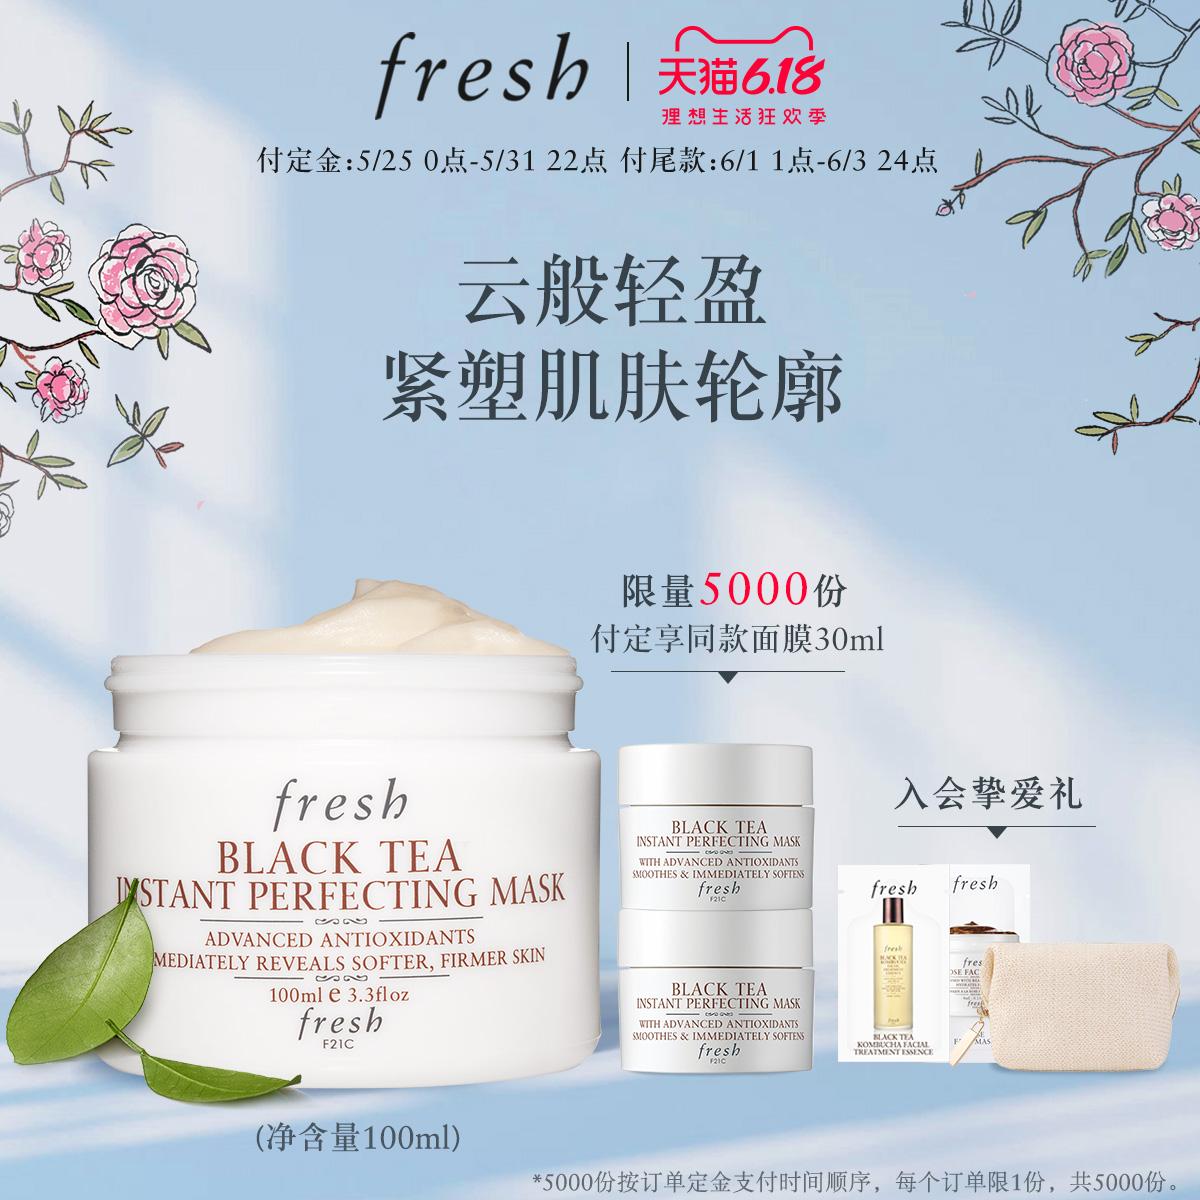 【618狂欢】Fresh馥蕾诗红茶修护面膜100ml 补水 平滑紧致涂抹式